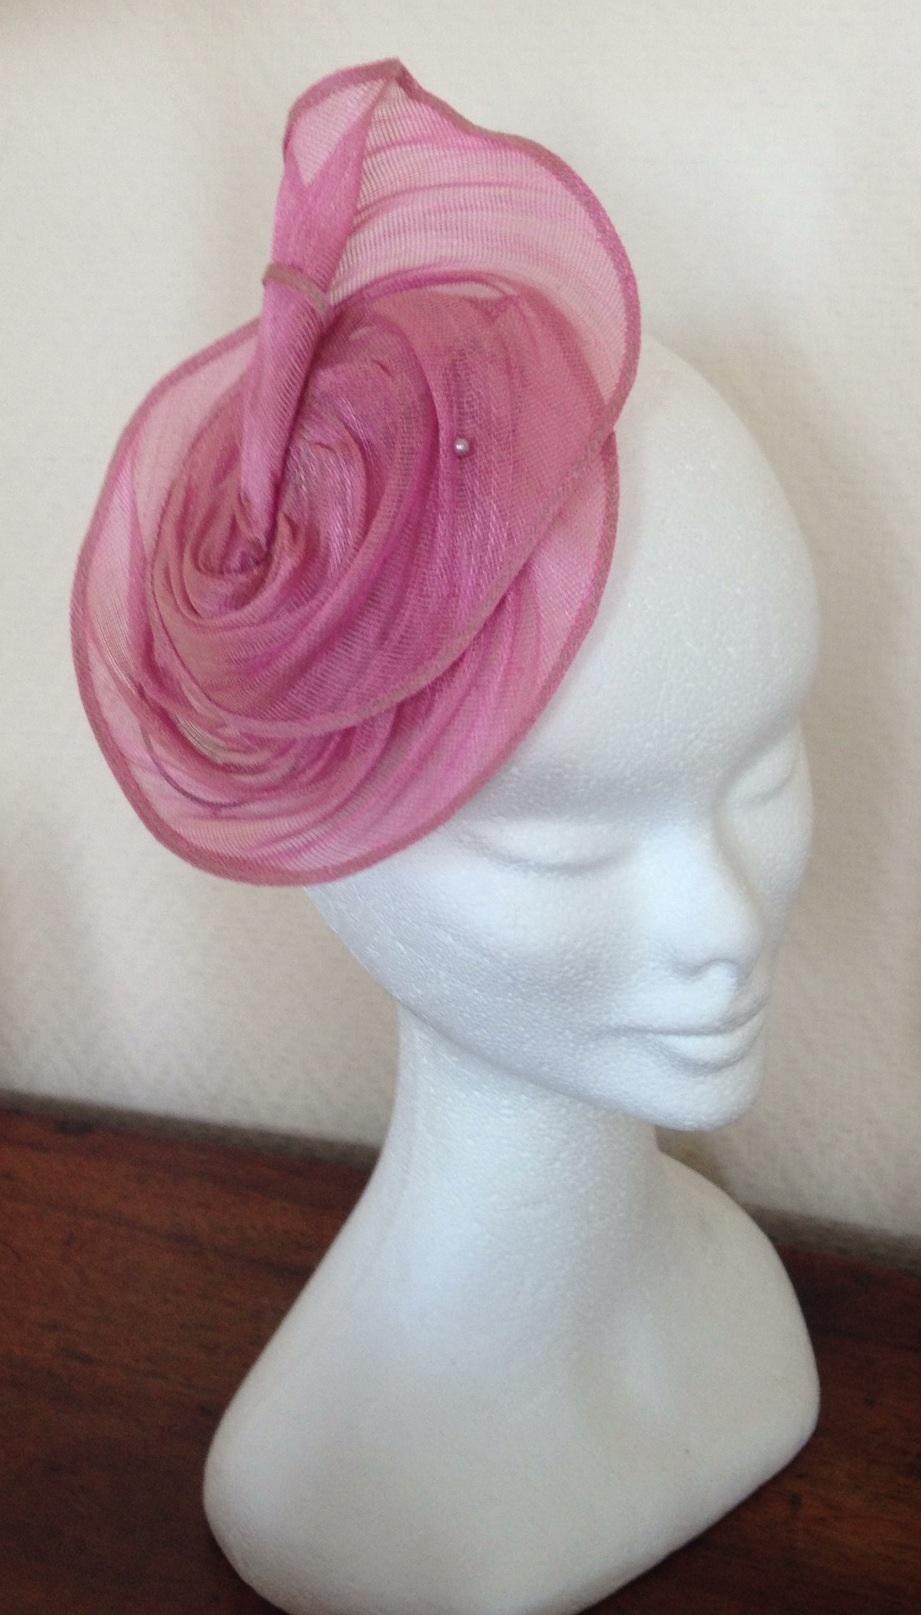 Babeth rose. image